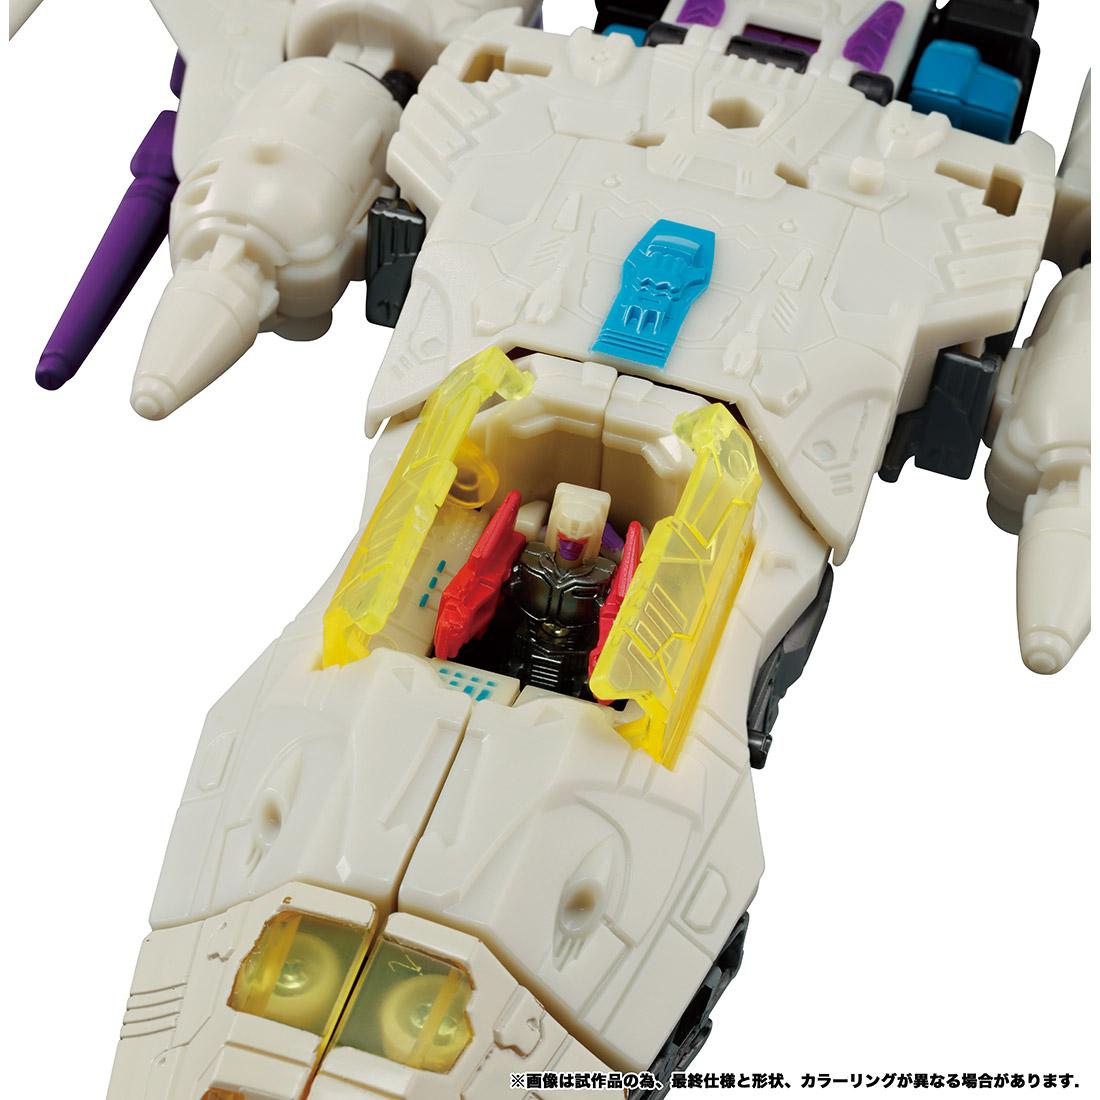 【限定販売】トランスフォーマー アースライズ『ER EX-10 スナップドラゴン』可変可動フィギュア-004